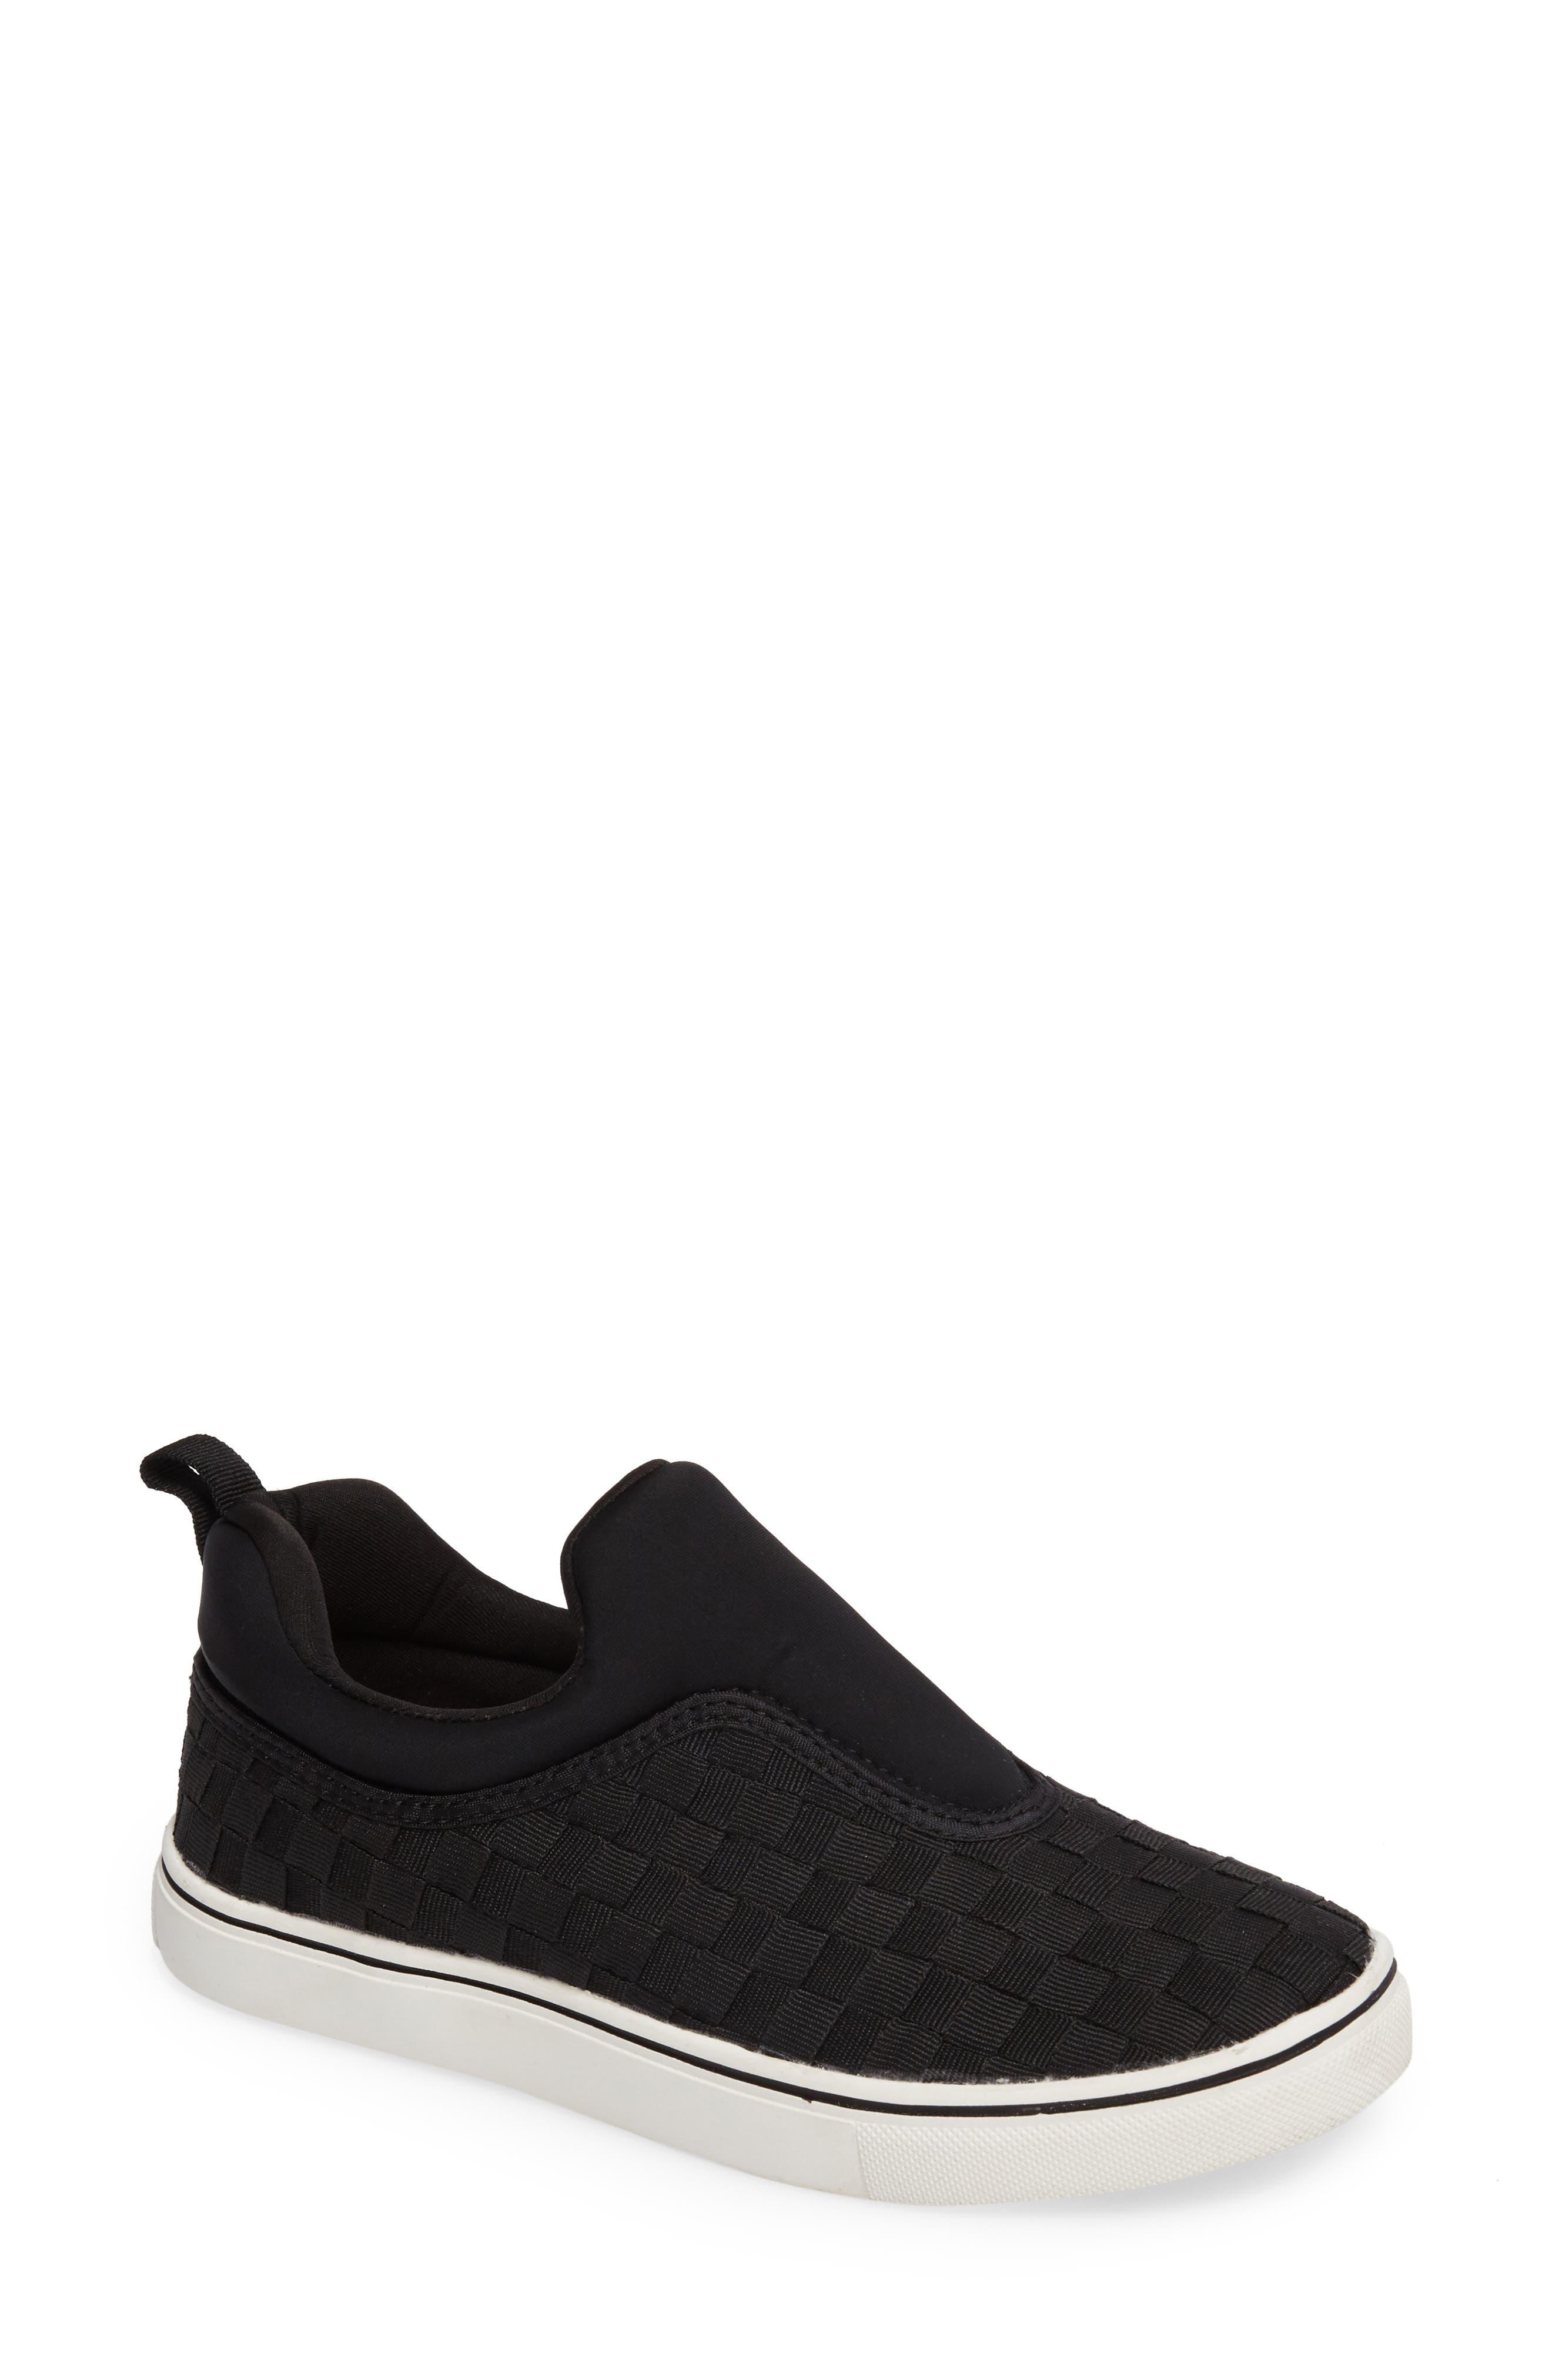 Bernie Mev Joan Slip-On Sneaker,                         Main,                         color, BLACK/ BLACK FABRIC